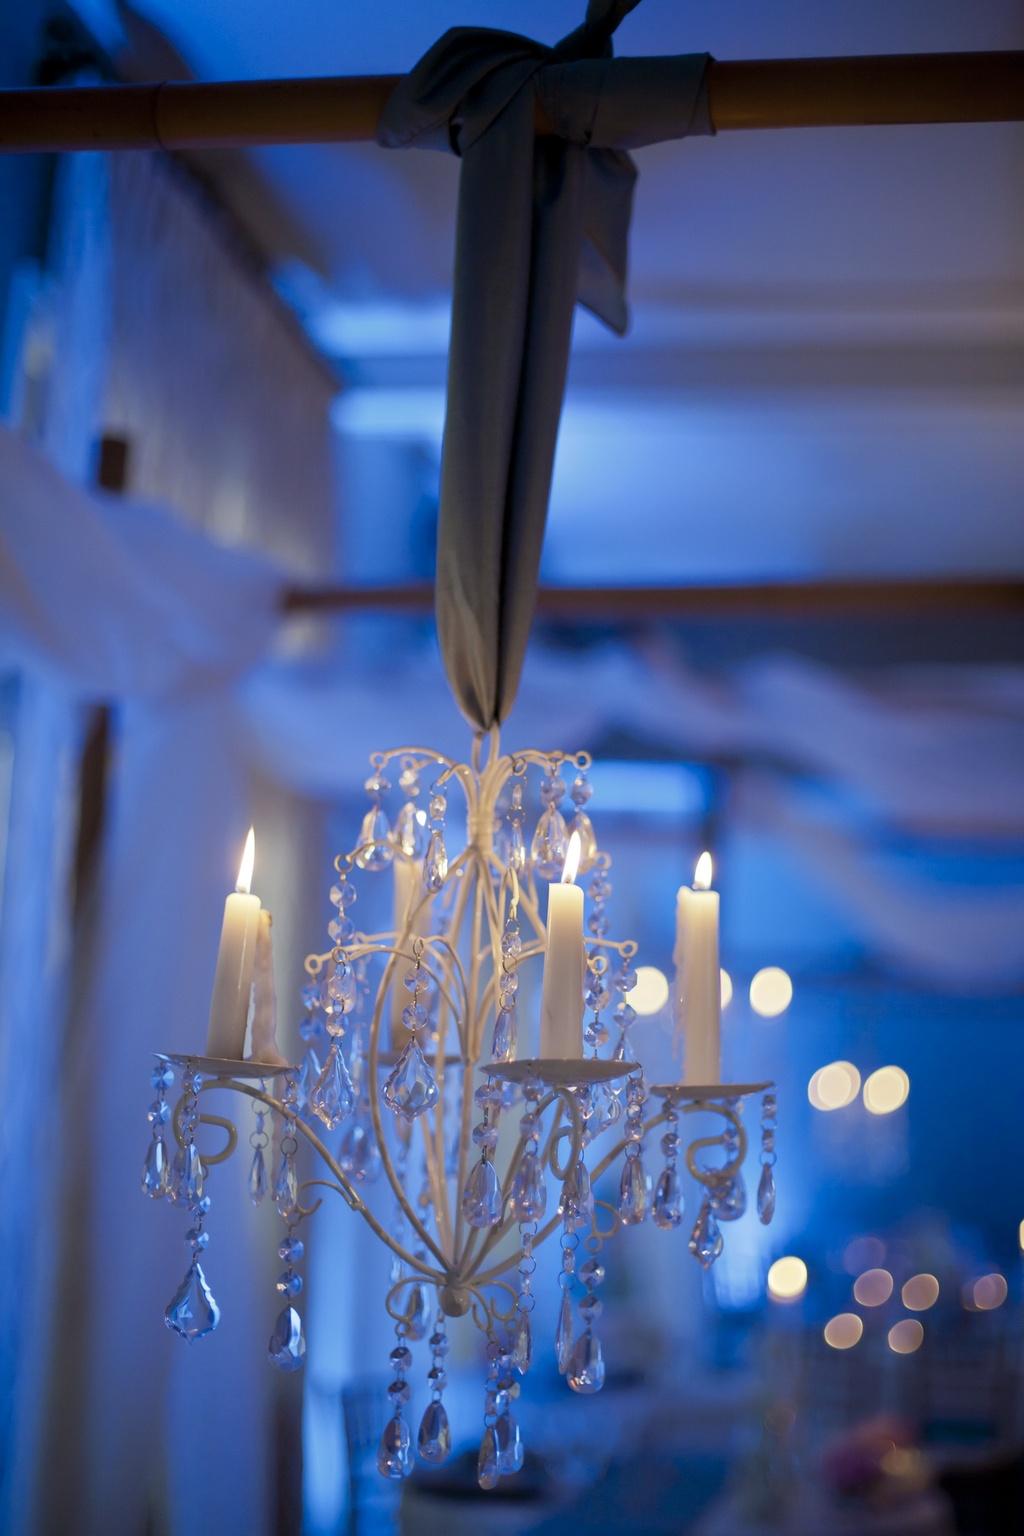 Elegant-real-wedding-chandeliers-wedding-reception-decor.full